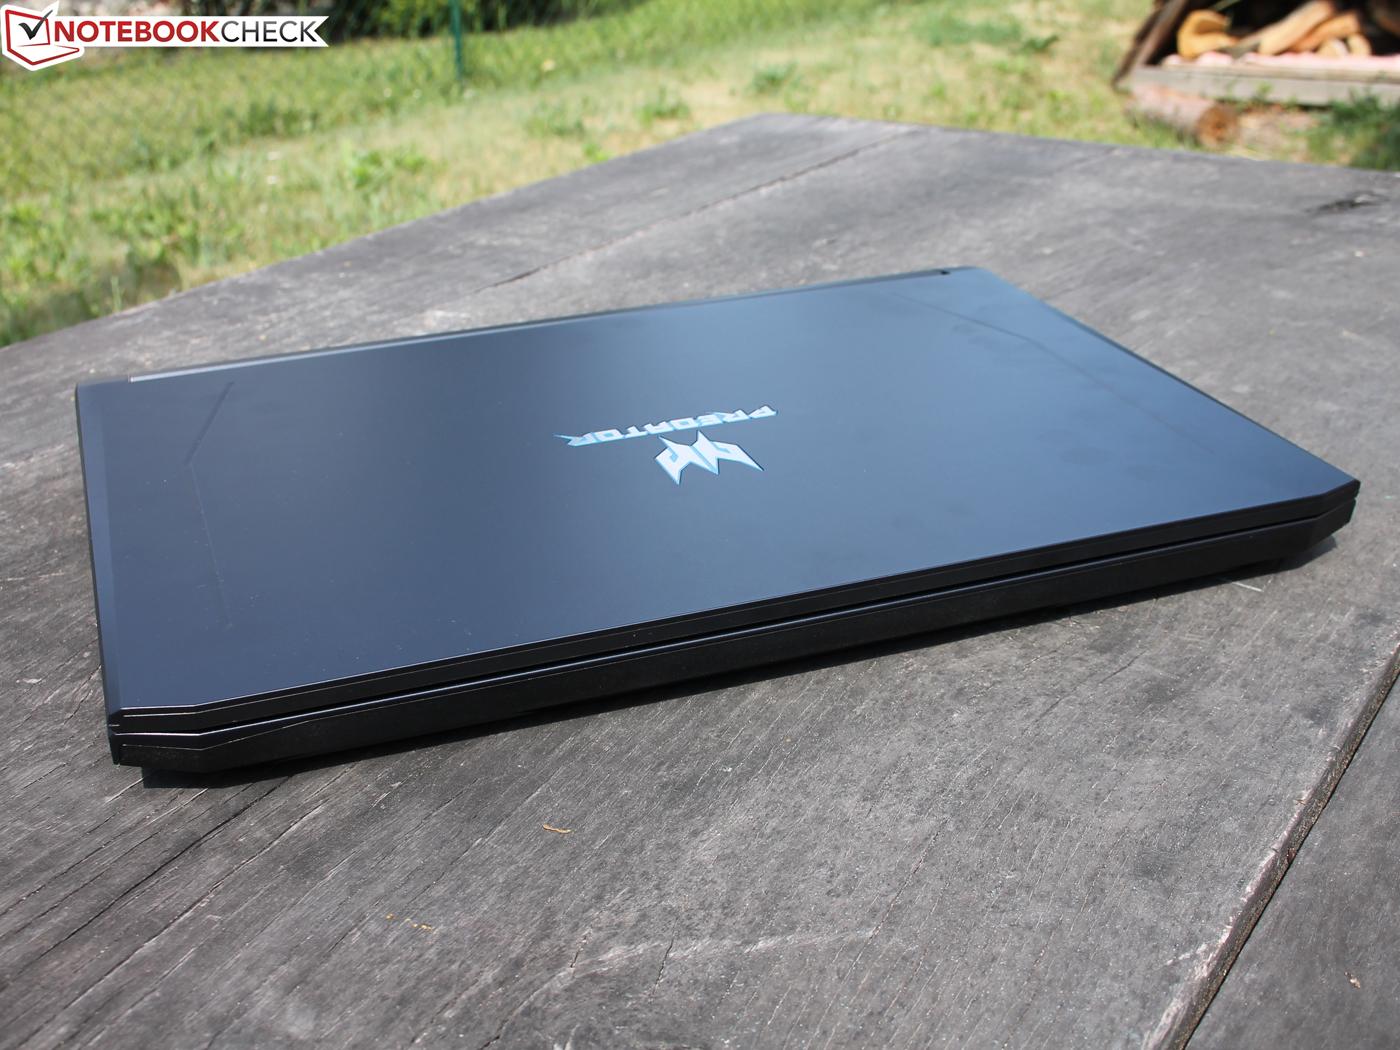 Breve Análise do Portátil Acer Predator Helios 500 (GTX 1070